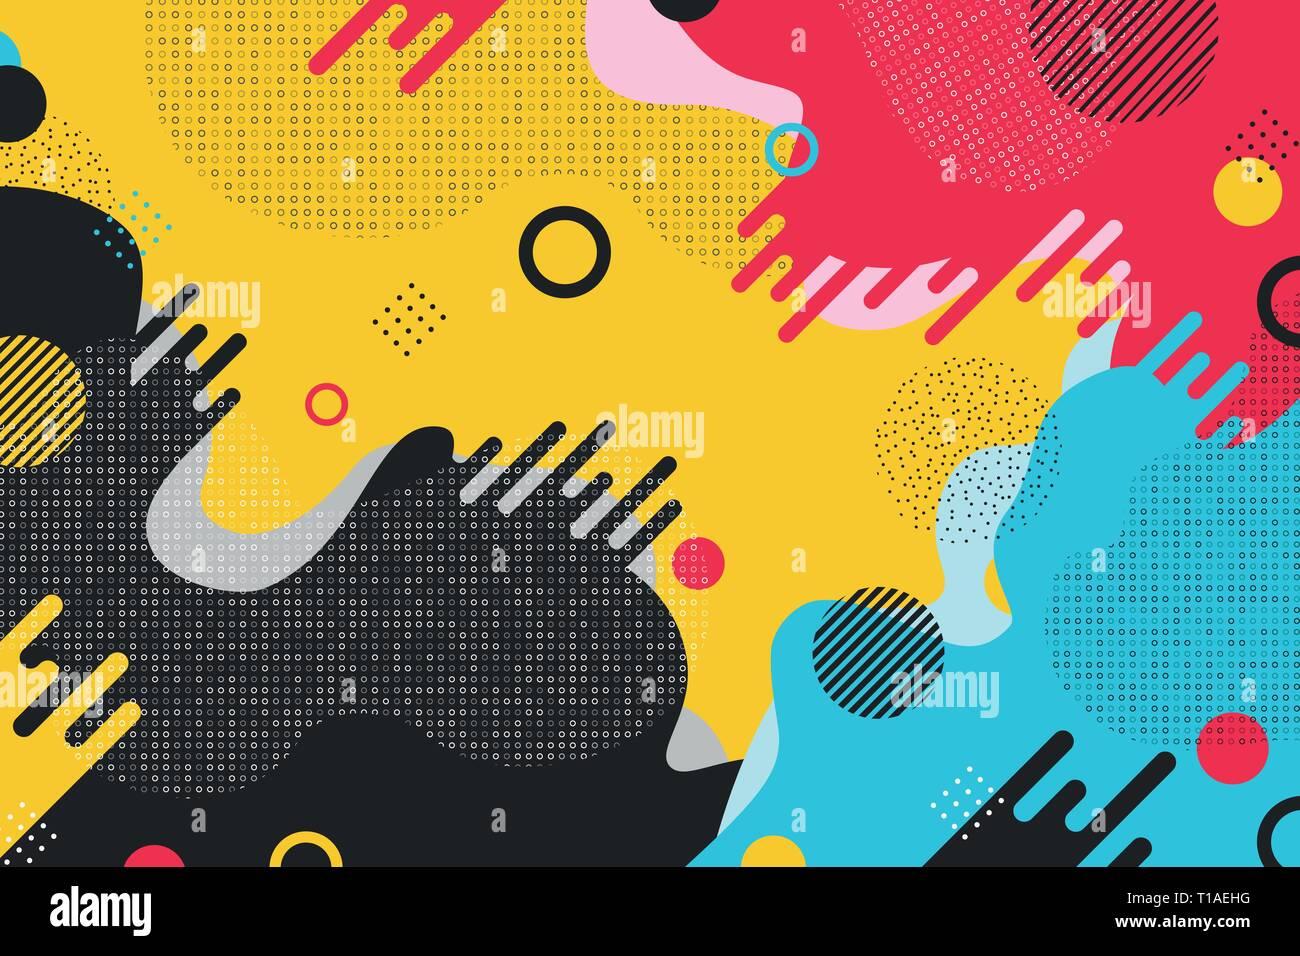 Résumé motif coloré design forme l'arrière-plan. Vous pouvez utiliser pour votre annonce, affiche, art, design moderne. illustration vector eps10 Photo Stock